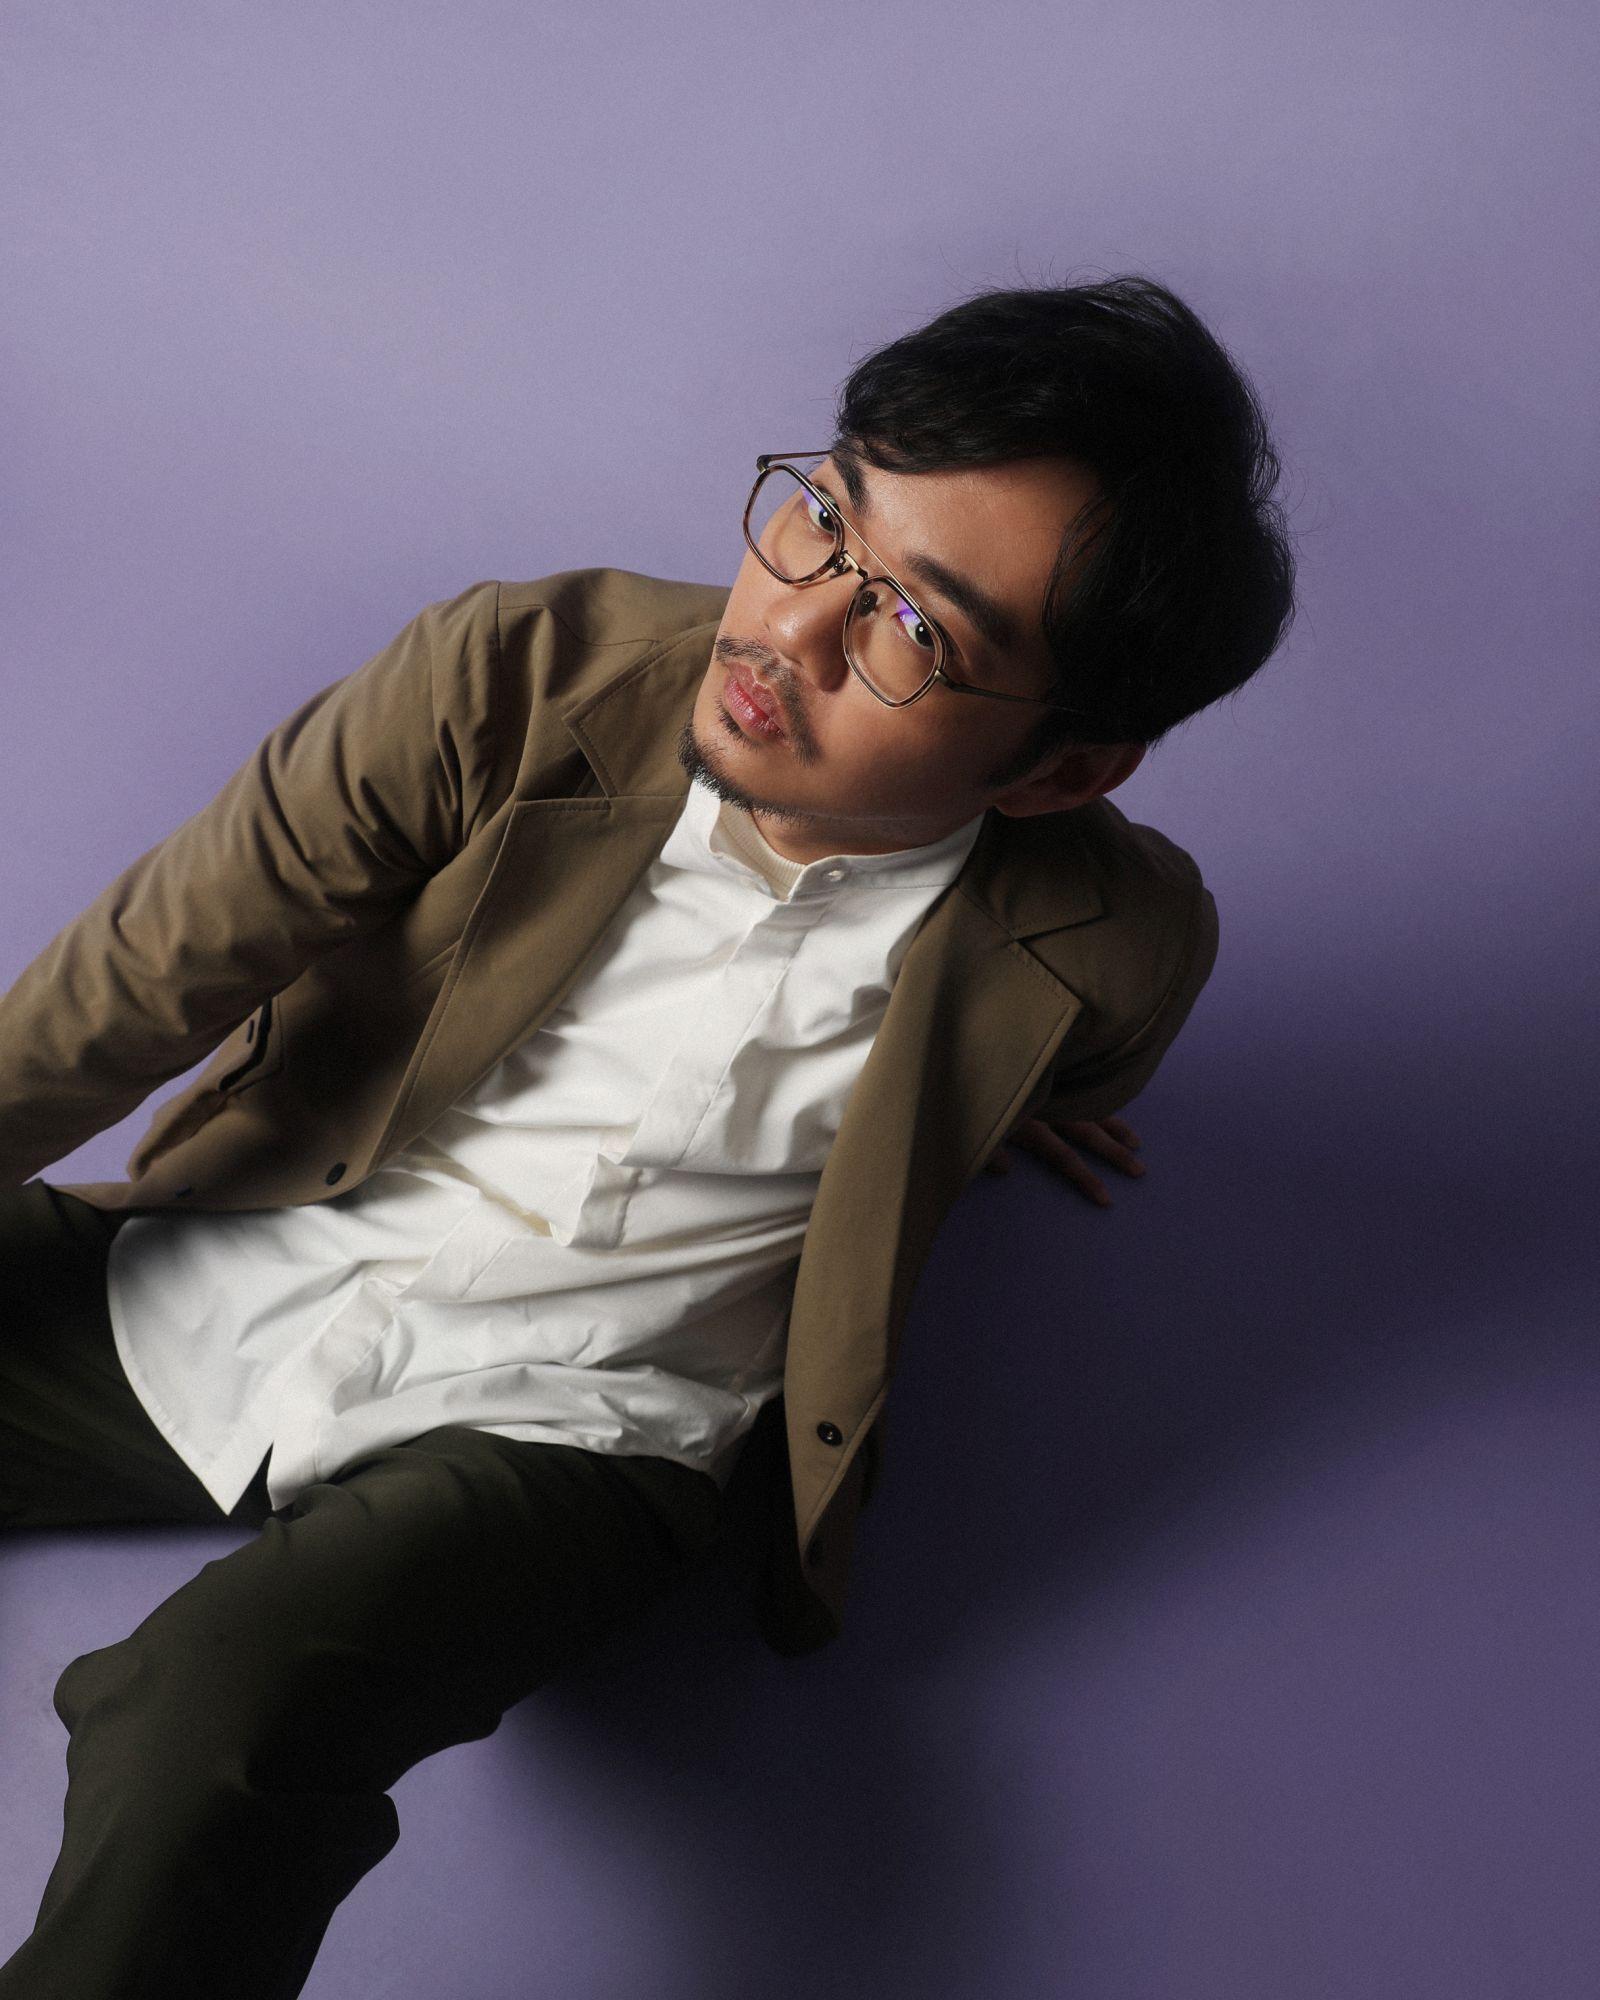 Cheng Weihao